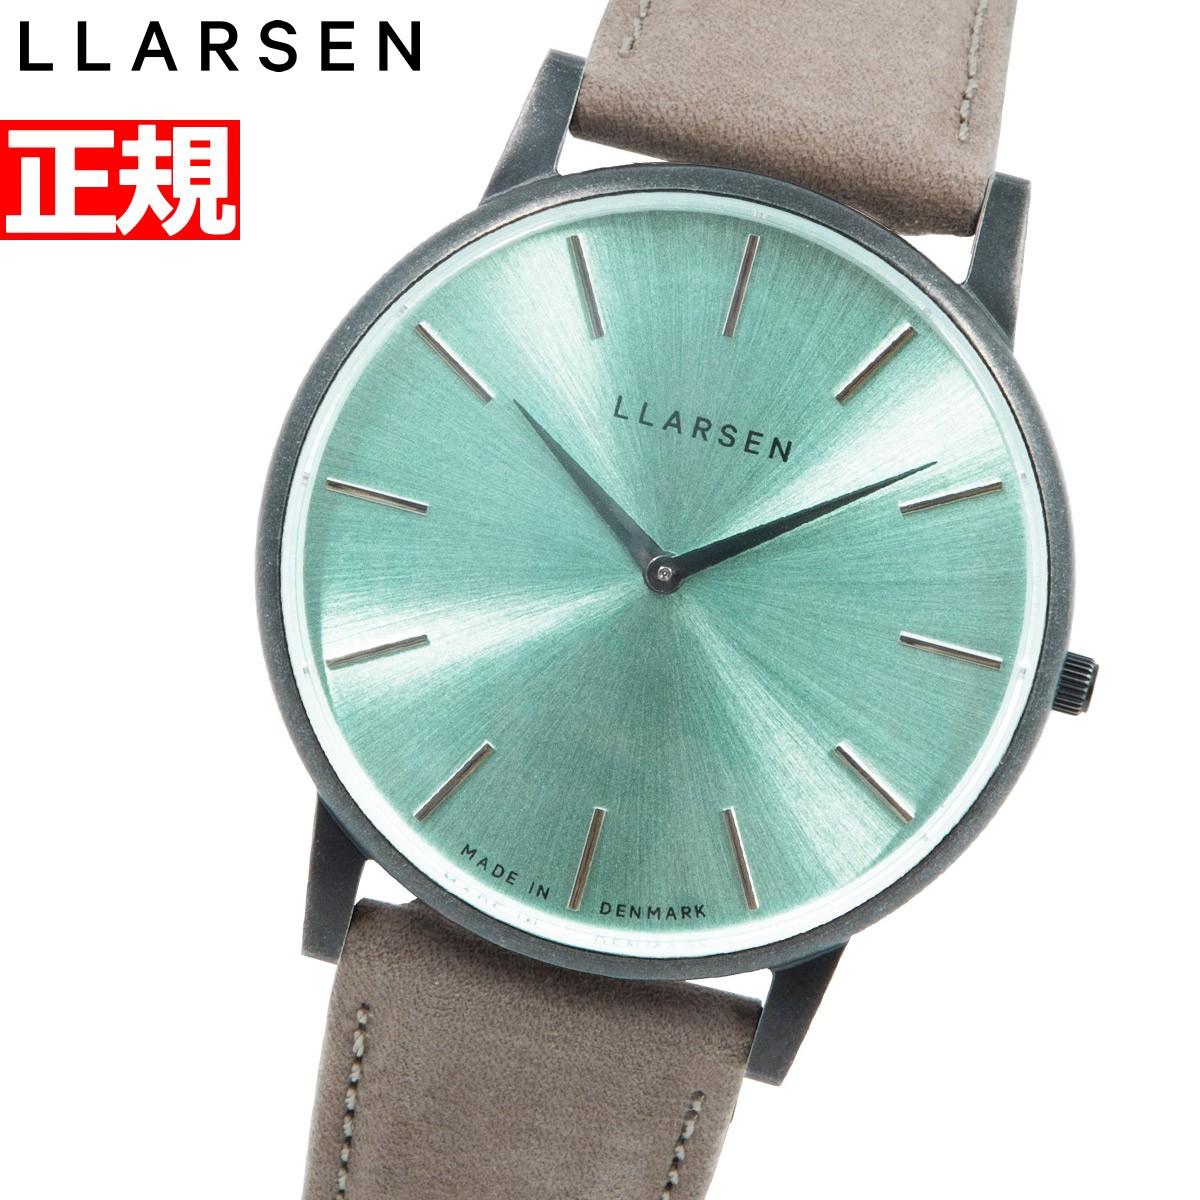 エルラーセン LLARSEN 腕時計 メンズ エコレザー ECCO LEATHER 限定モデル 替えベルト付 オリバー Oliver LL147OTECSTMS